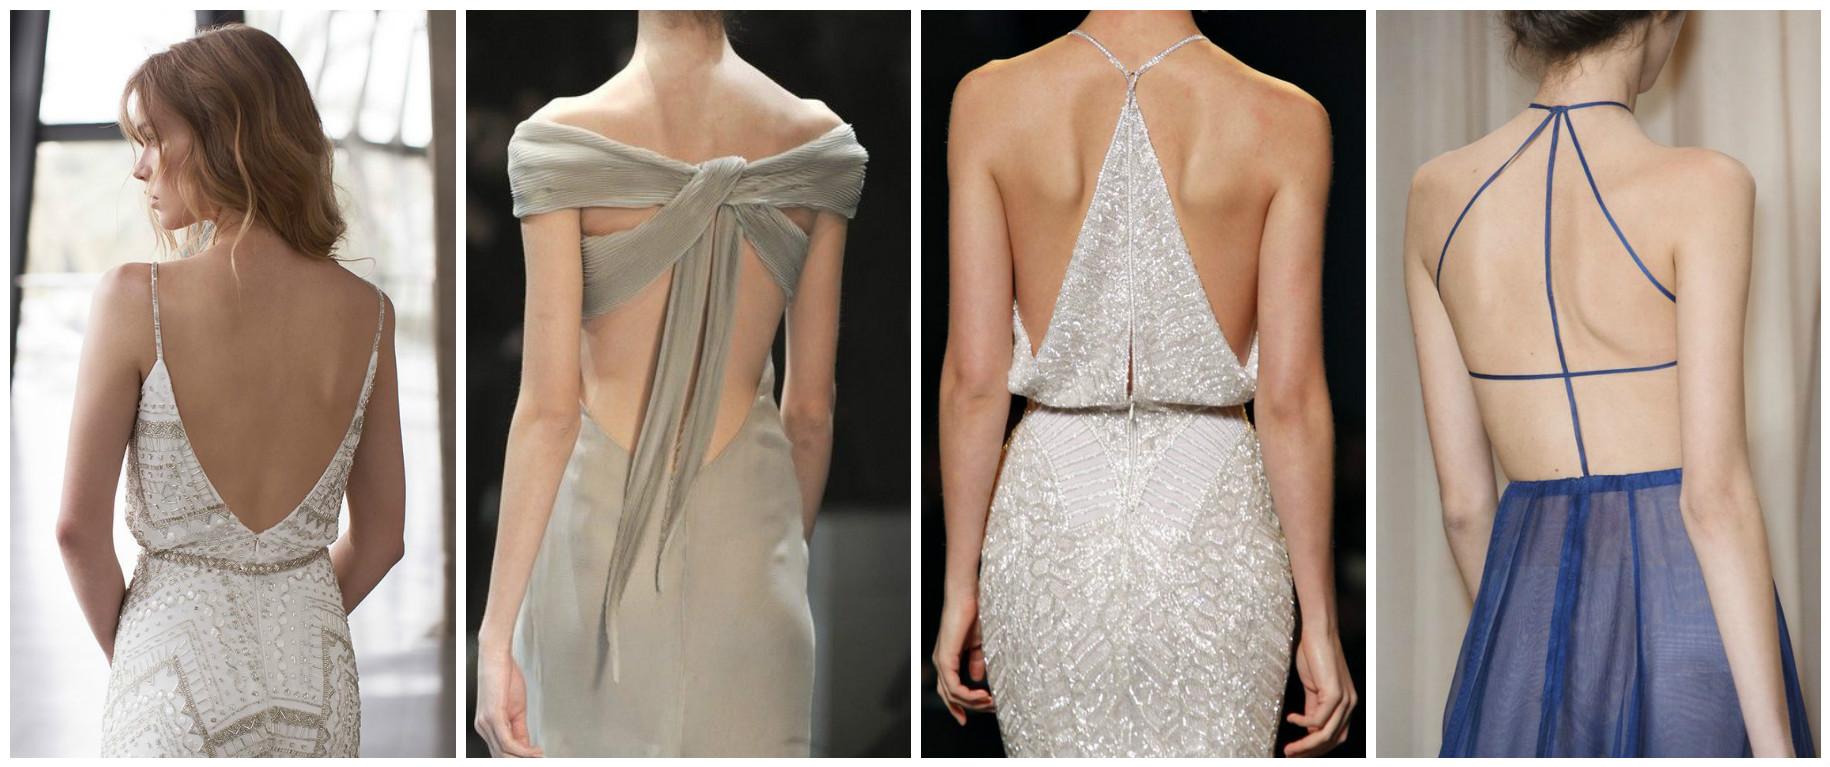 Платье сзади лямка